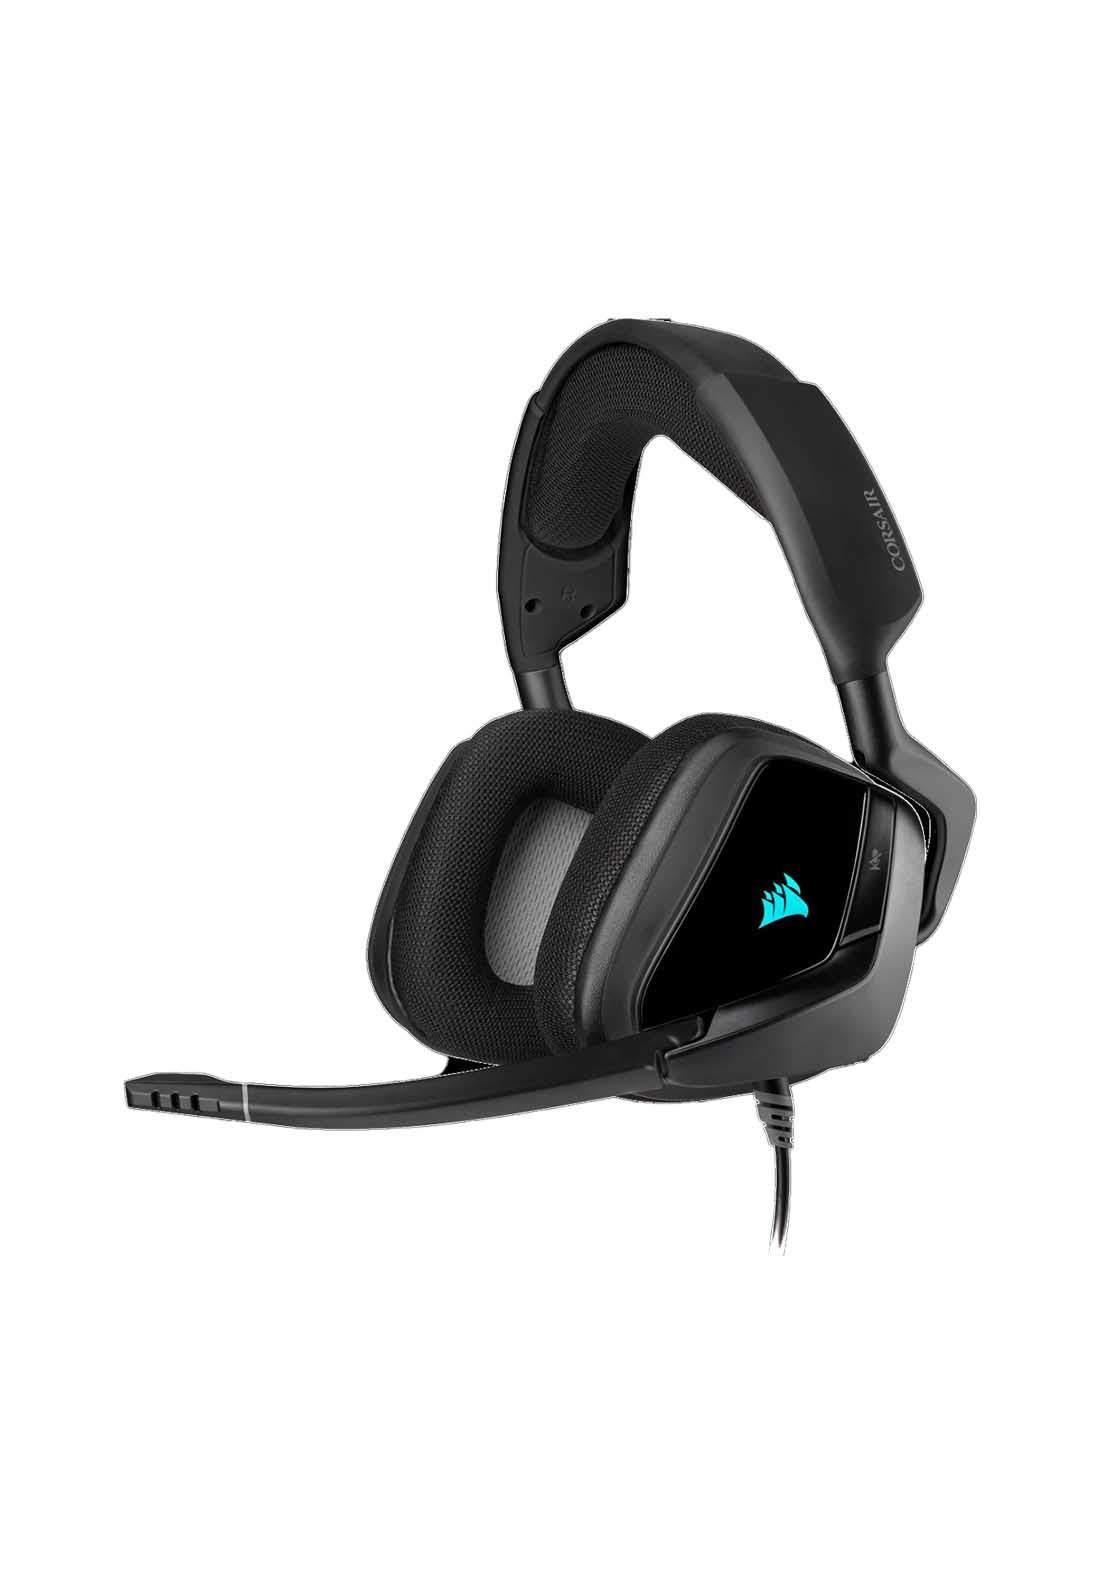 Corsair Void RGB Elite USB Gaming Headset - Black سماعة